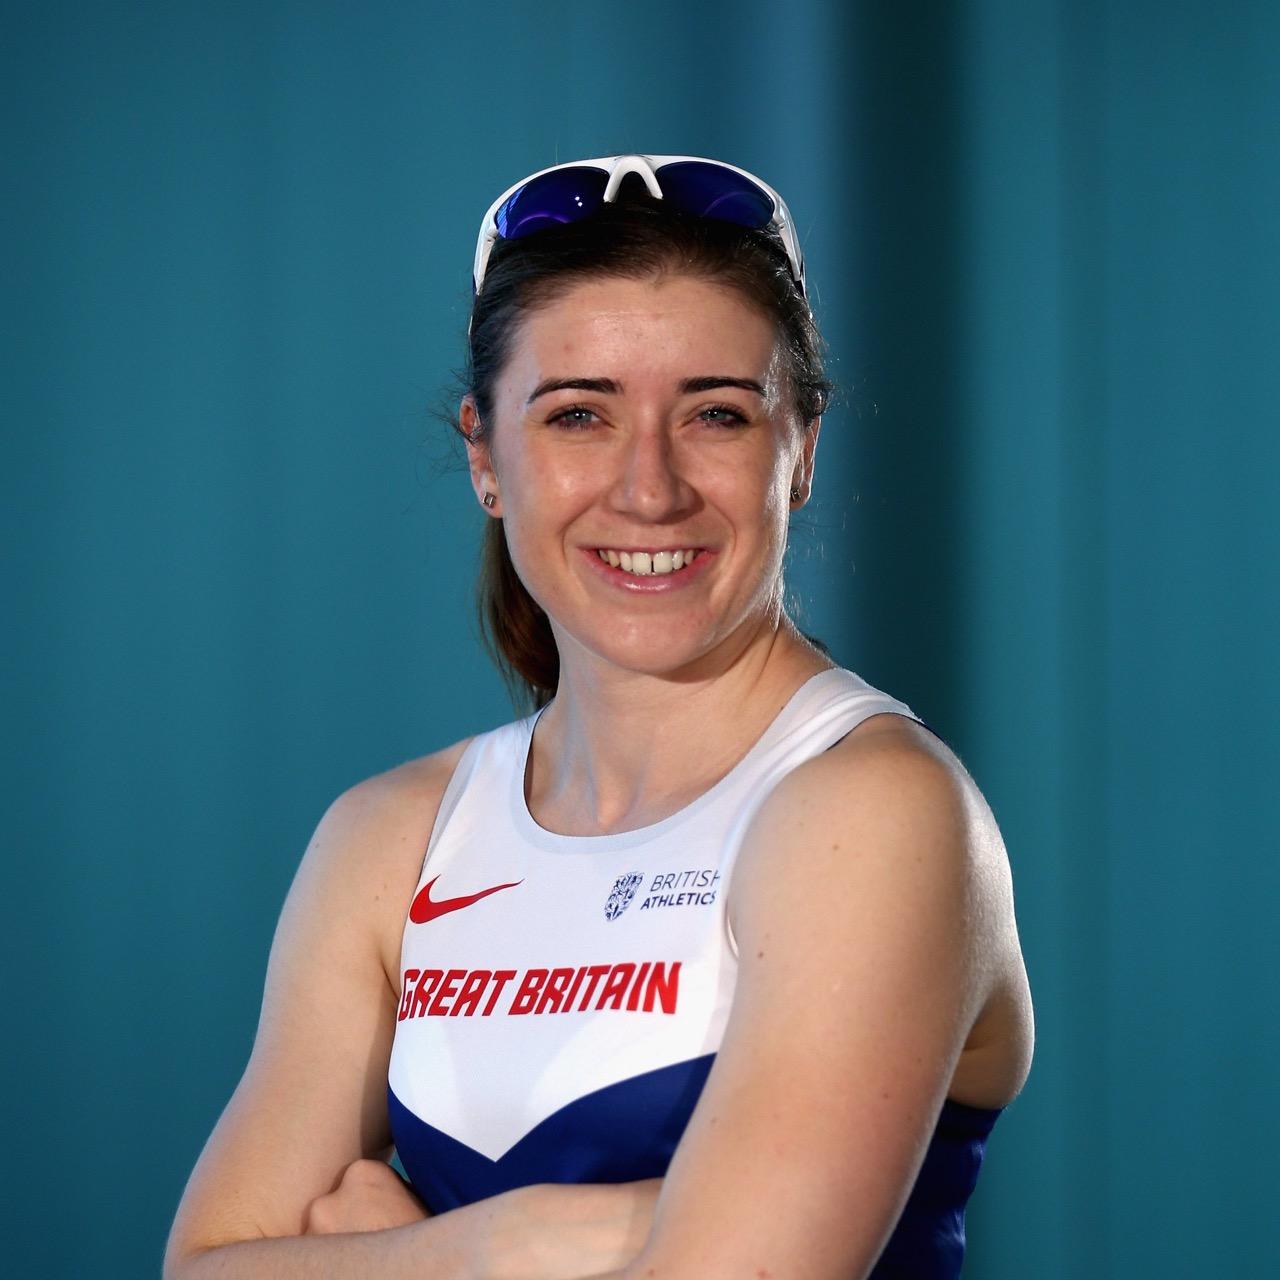 Libby Clegg in Team GB kit